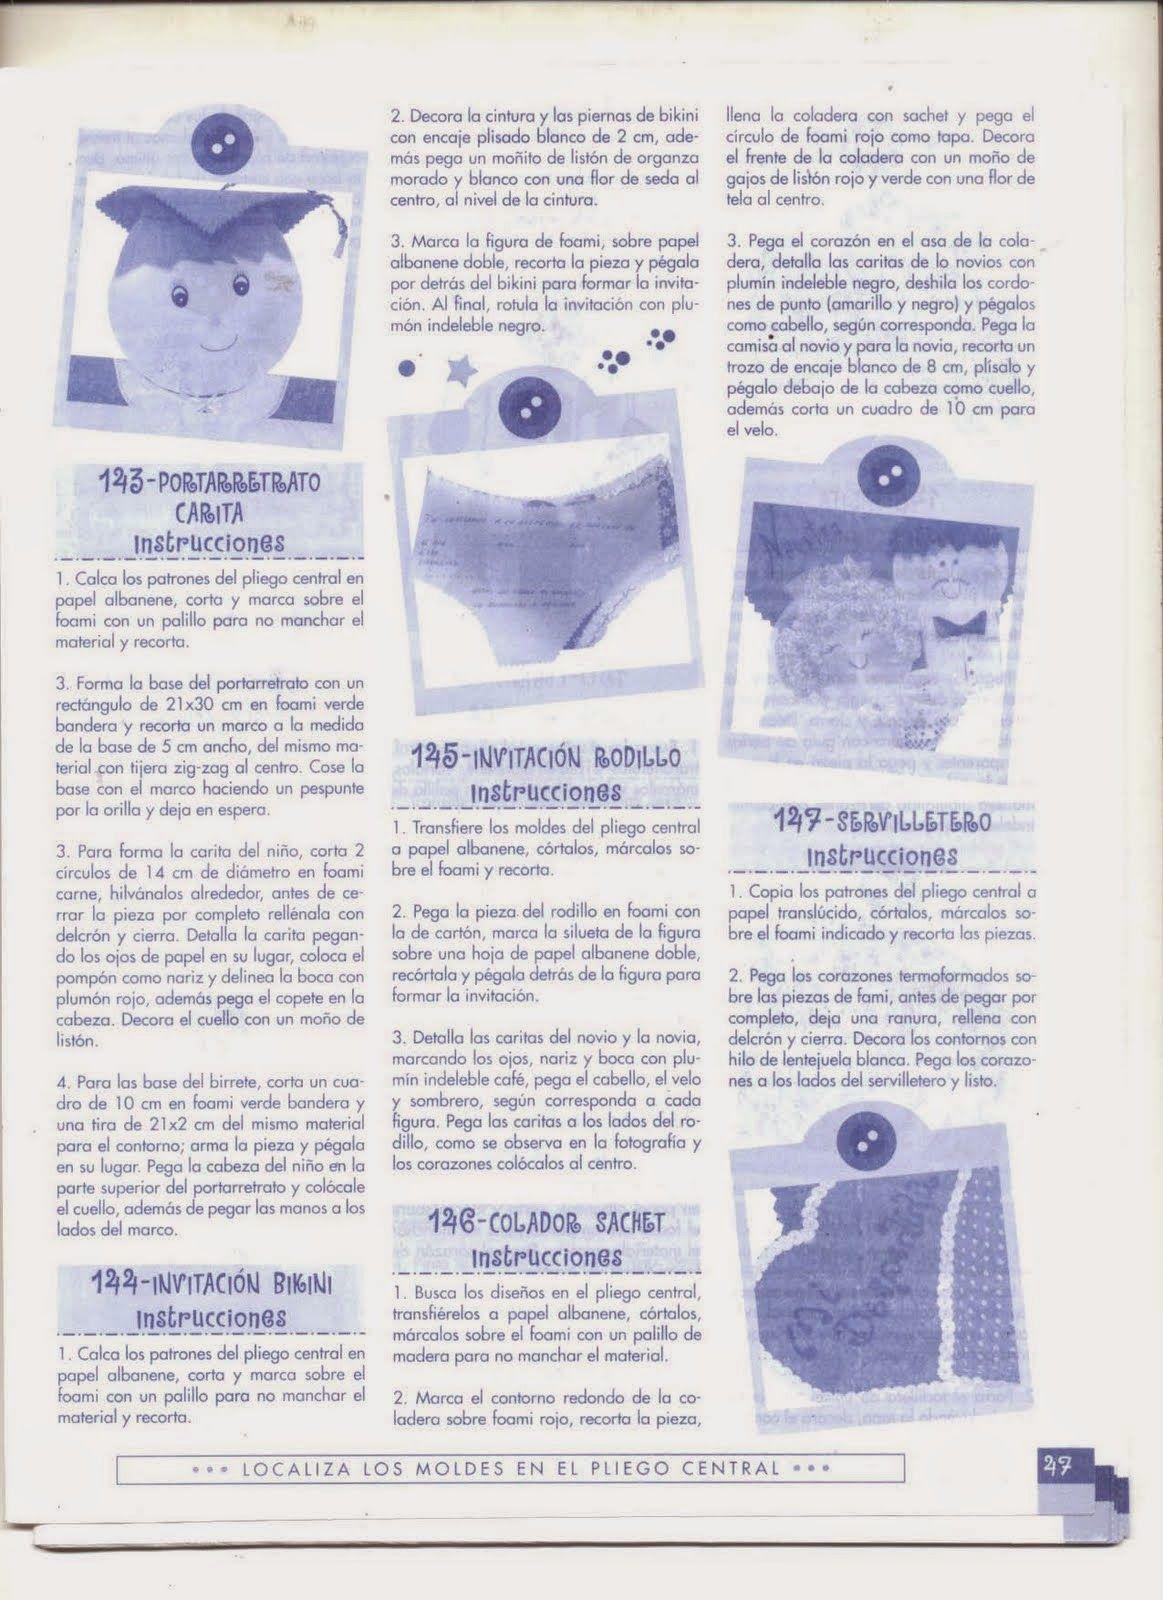 Revista Gratis De Foami Y Fieltro Datvara Blog Title Datvara Blog Title Revistas Figuras De Foami Revistas De Manualidades